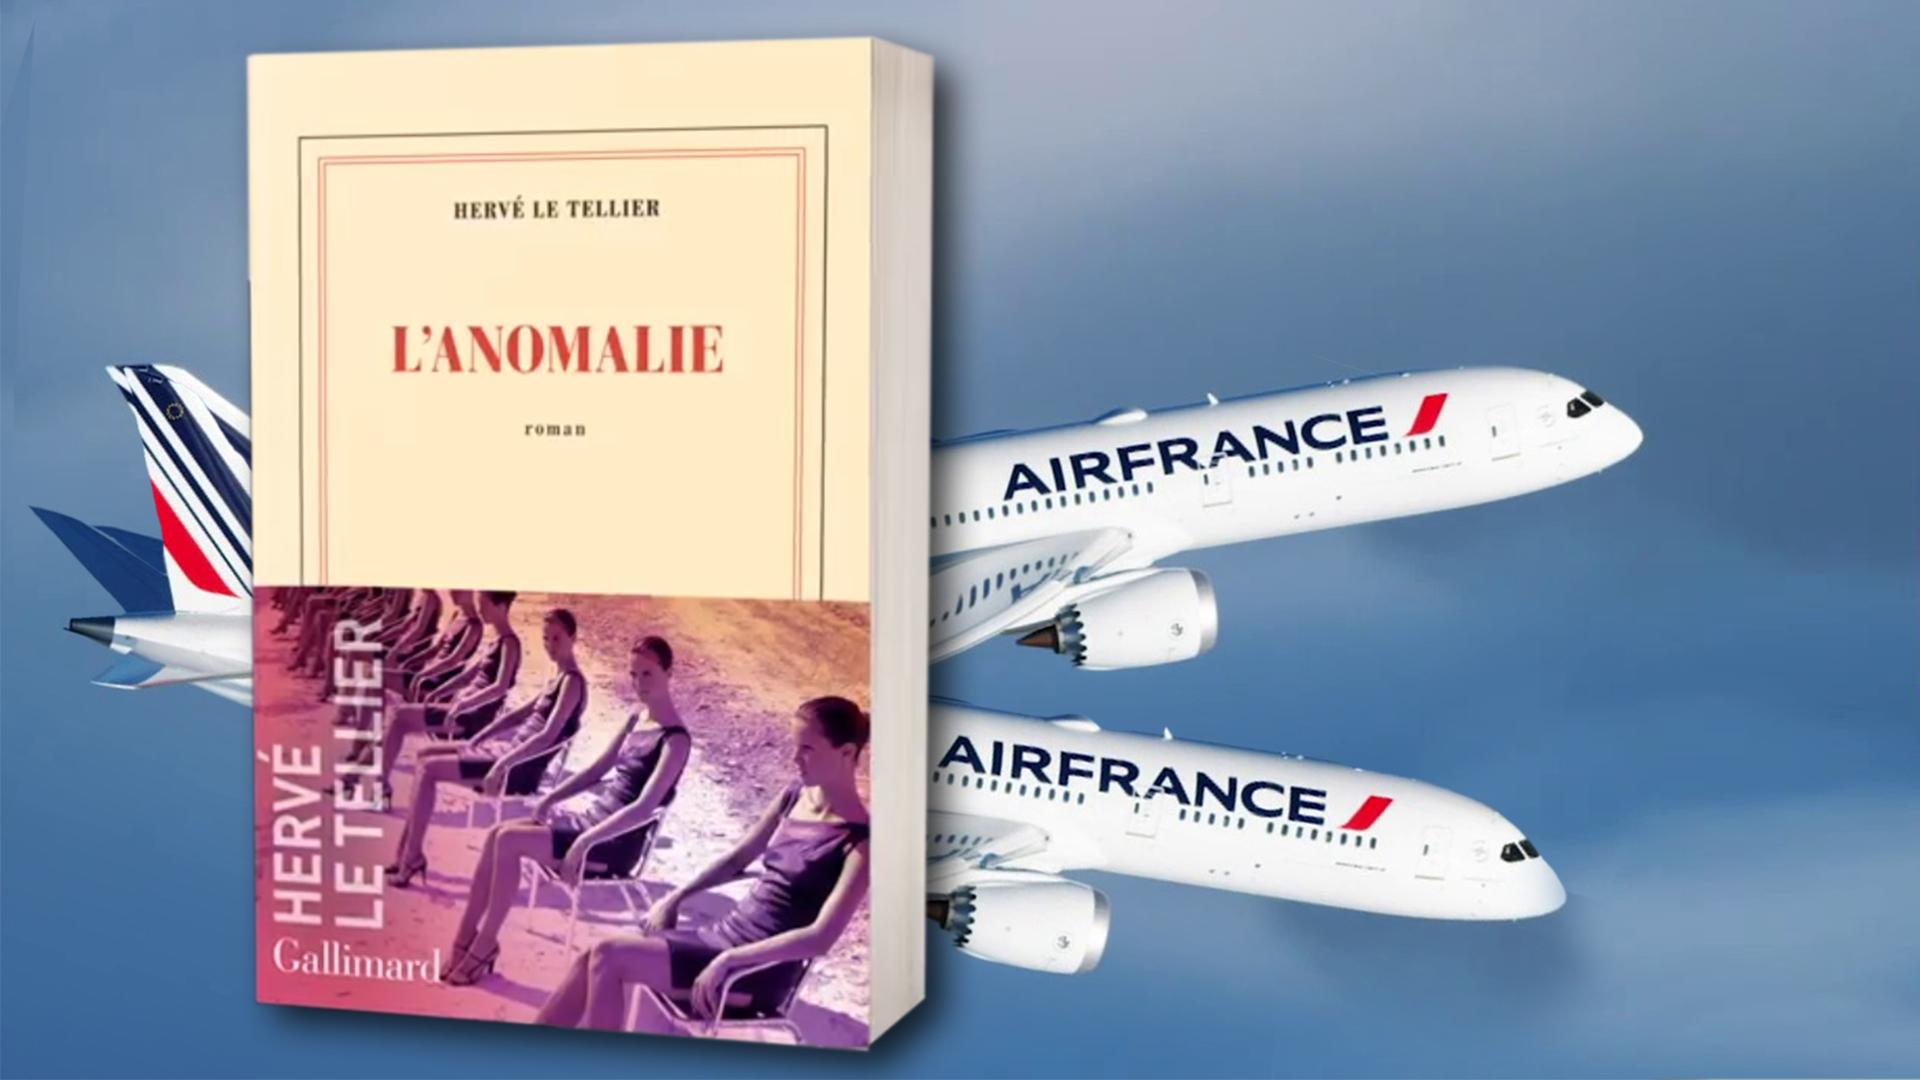 L'anomalie Le Tellier Goncourt